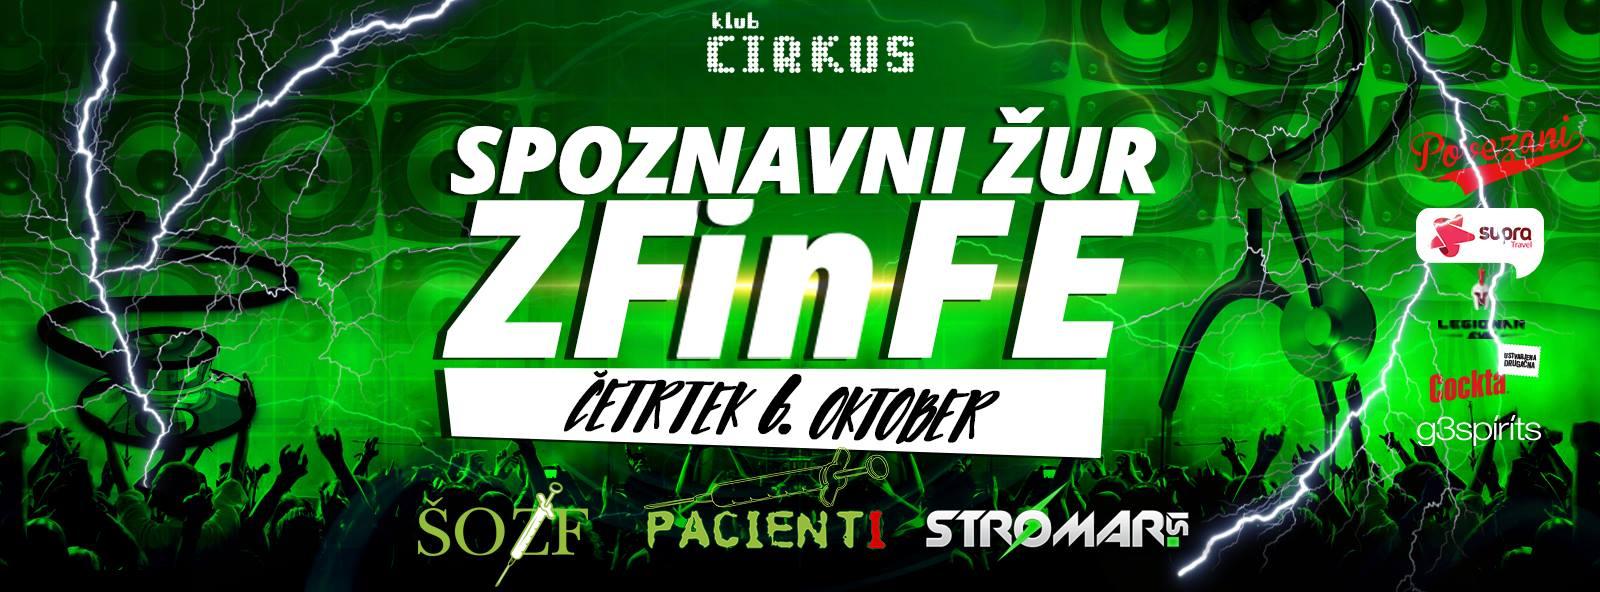 Spoznavni žur ZF in FE - Stromar.si